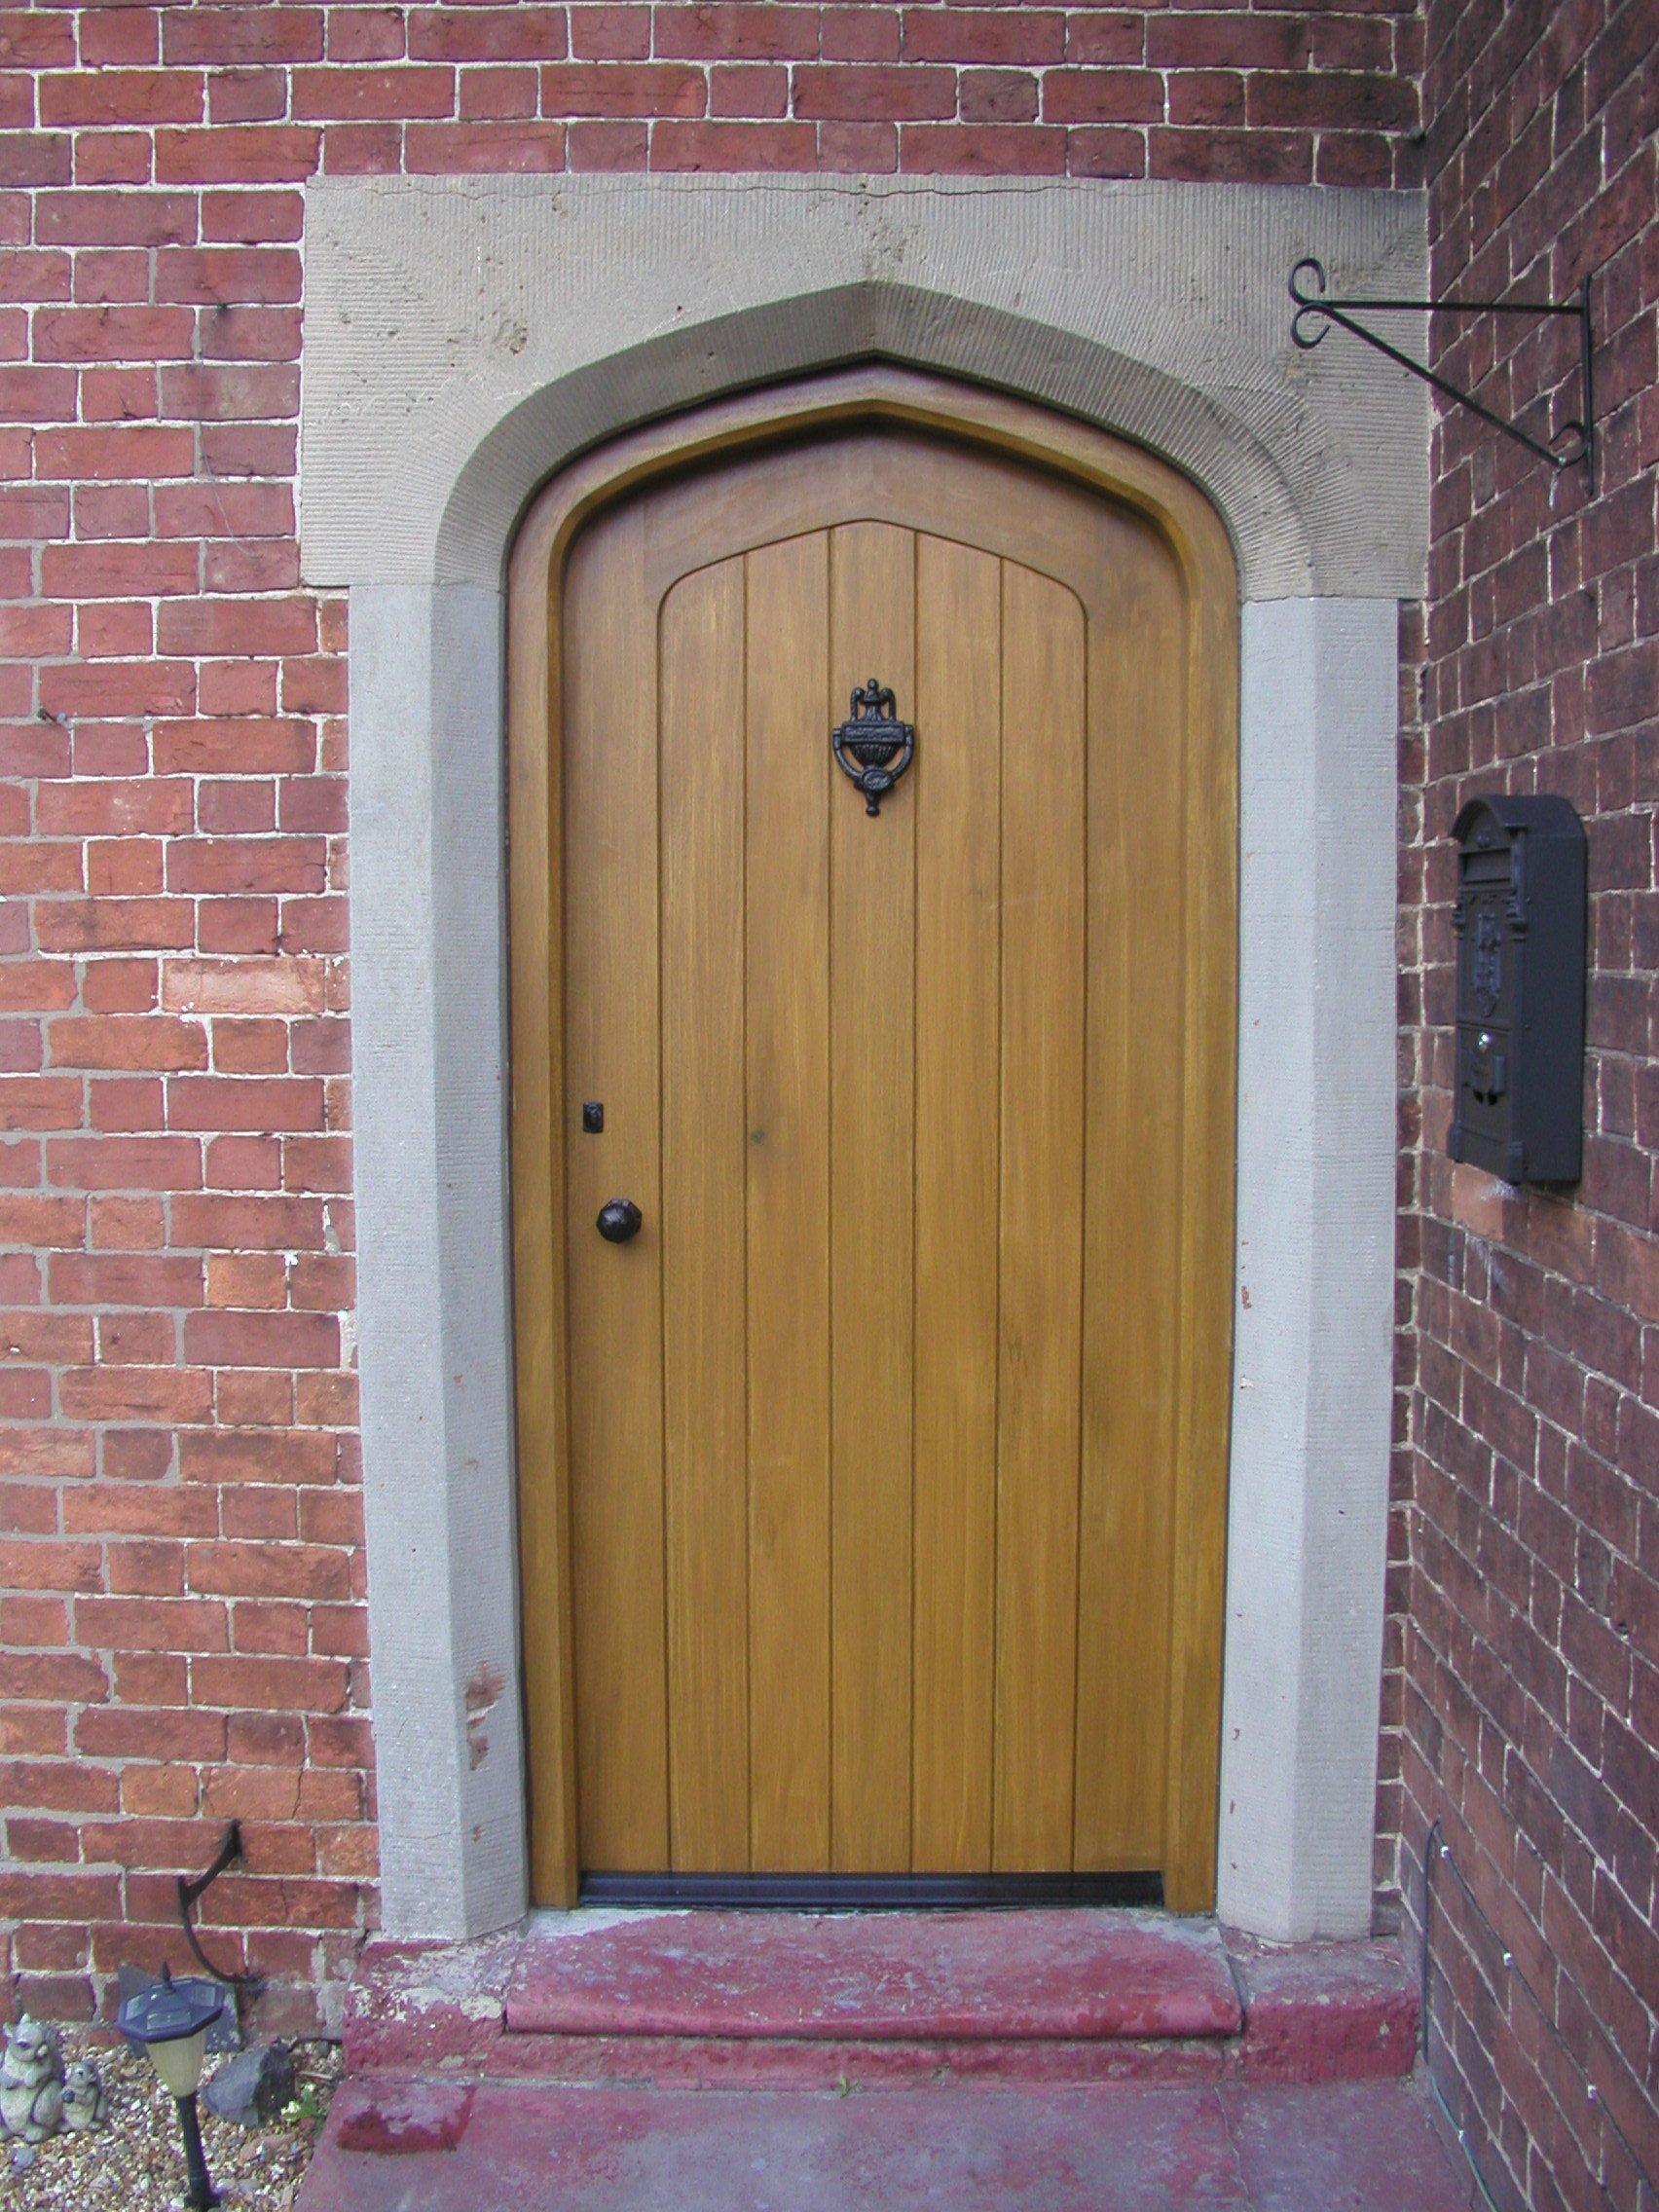 Large wooden door with metal features